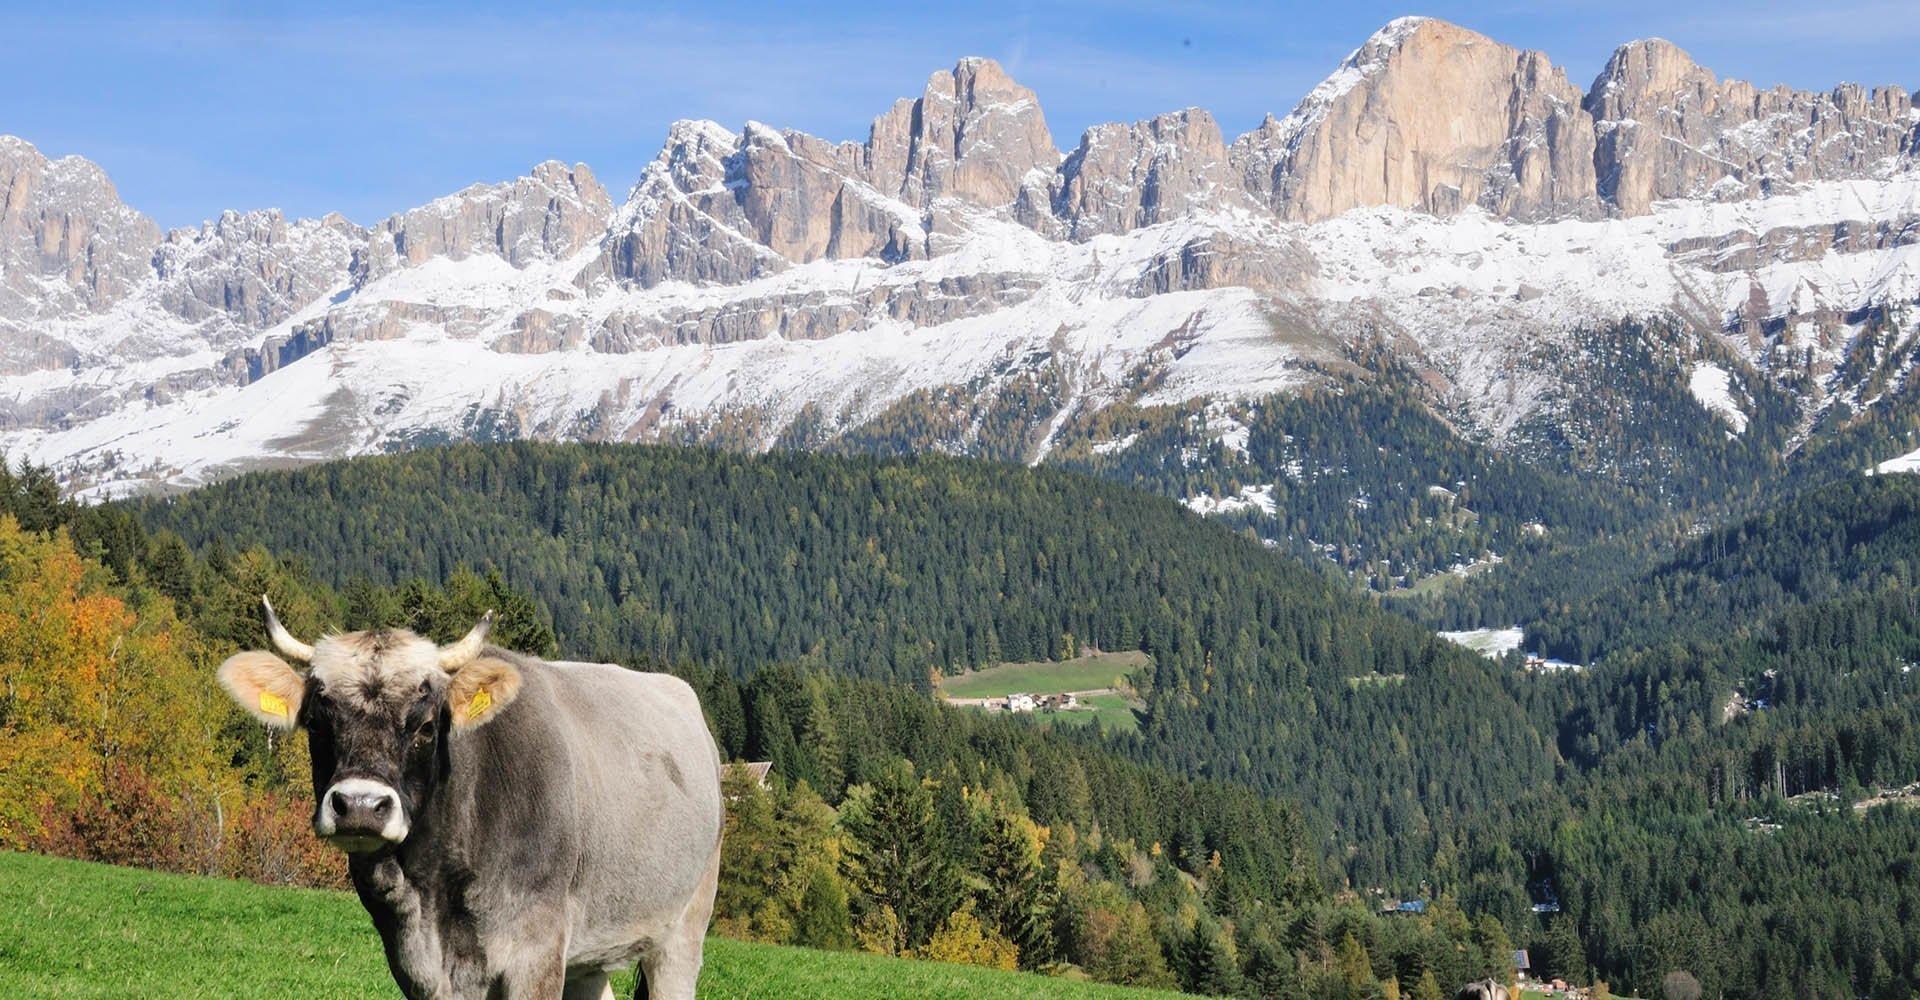 ARCHE Hof Welschnofen in Südtirol